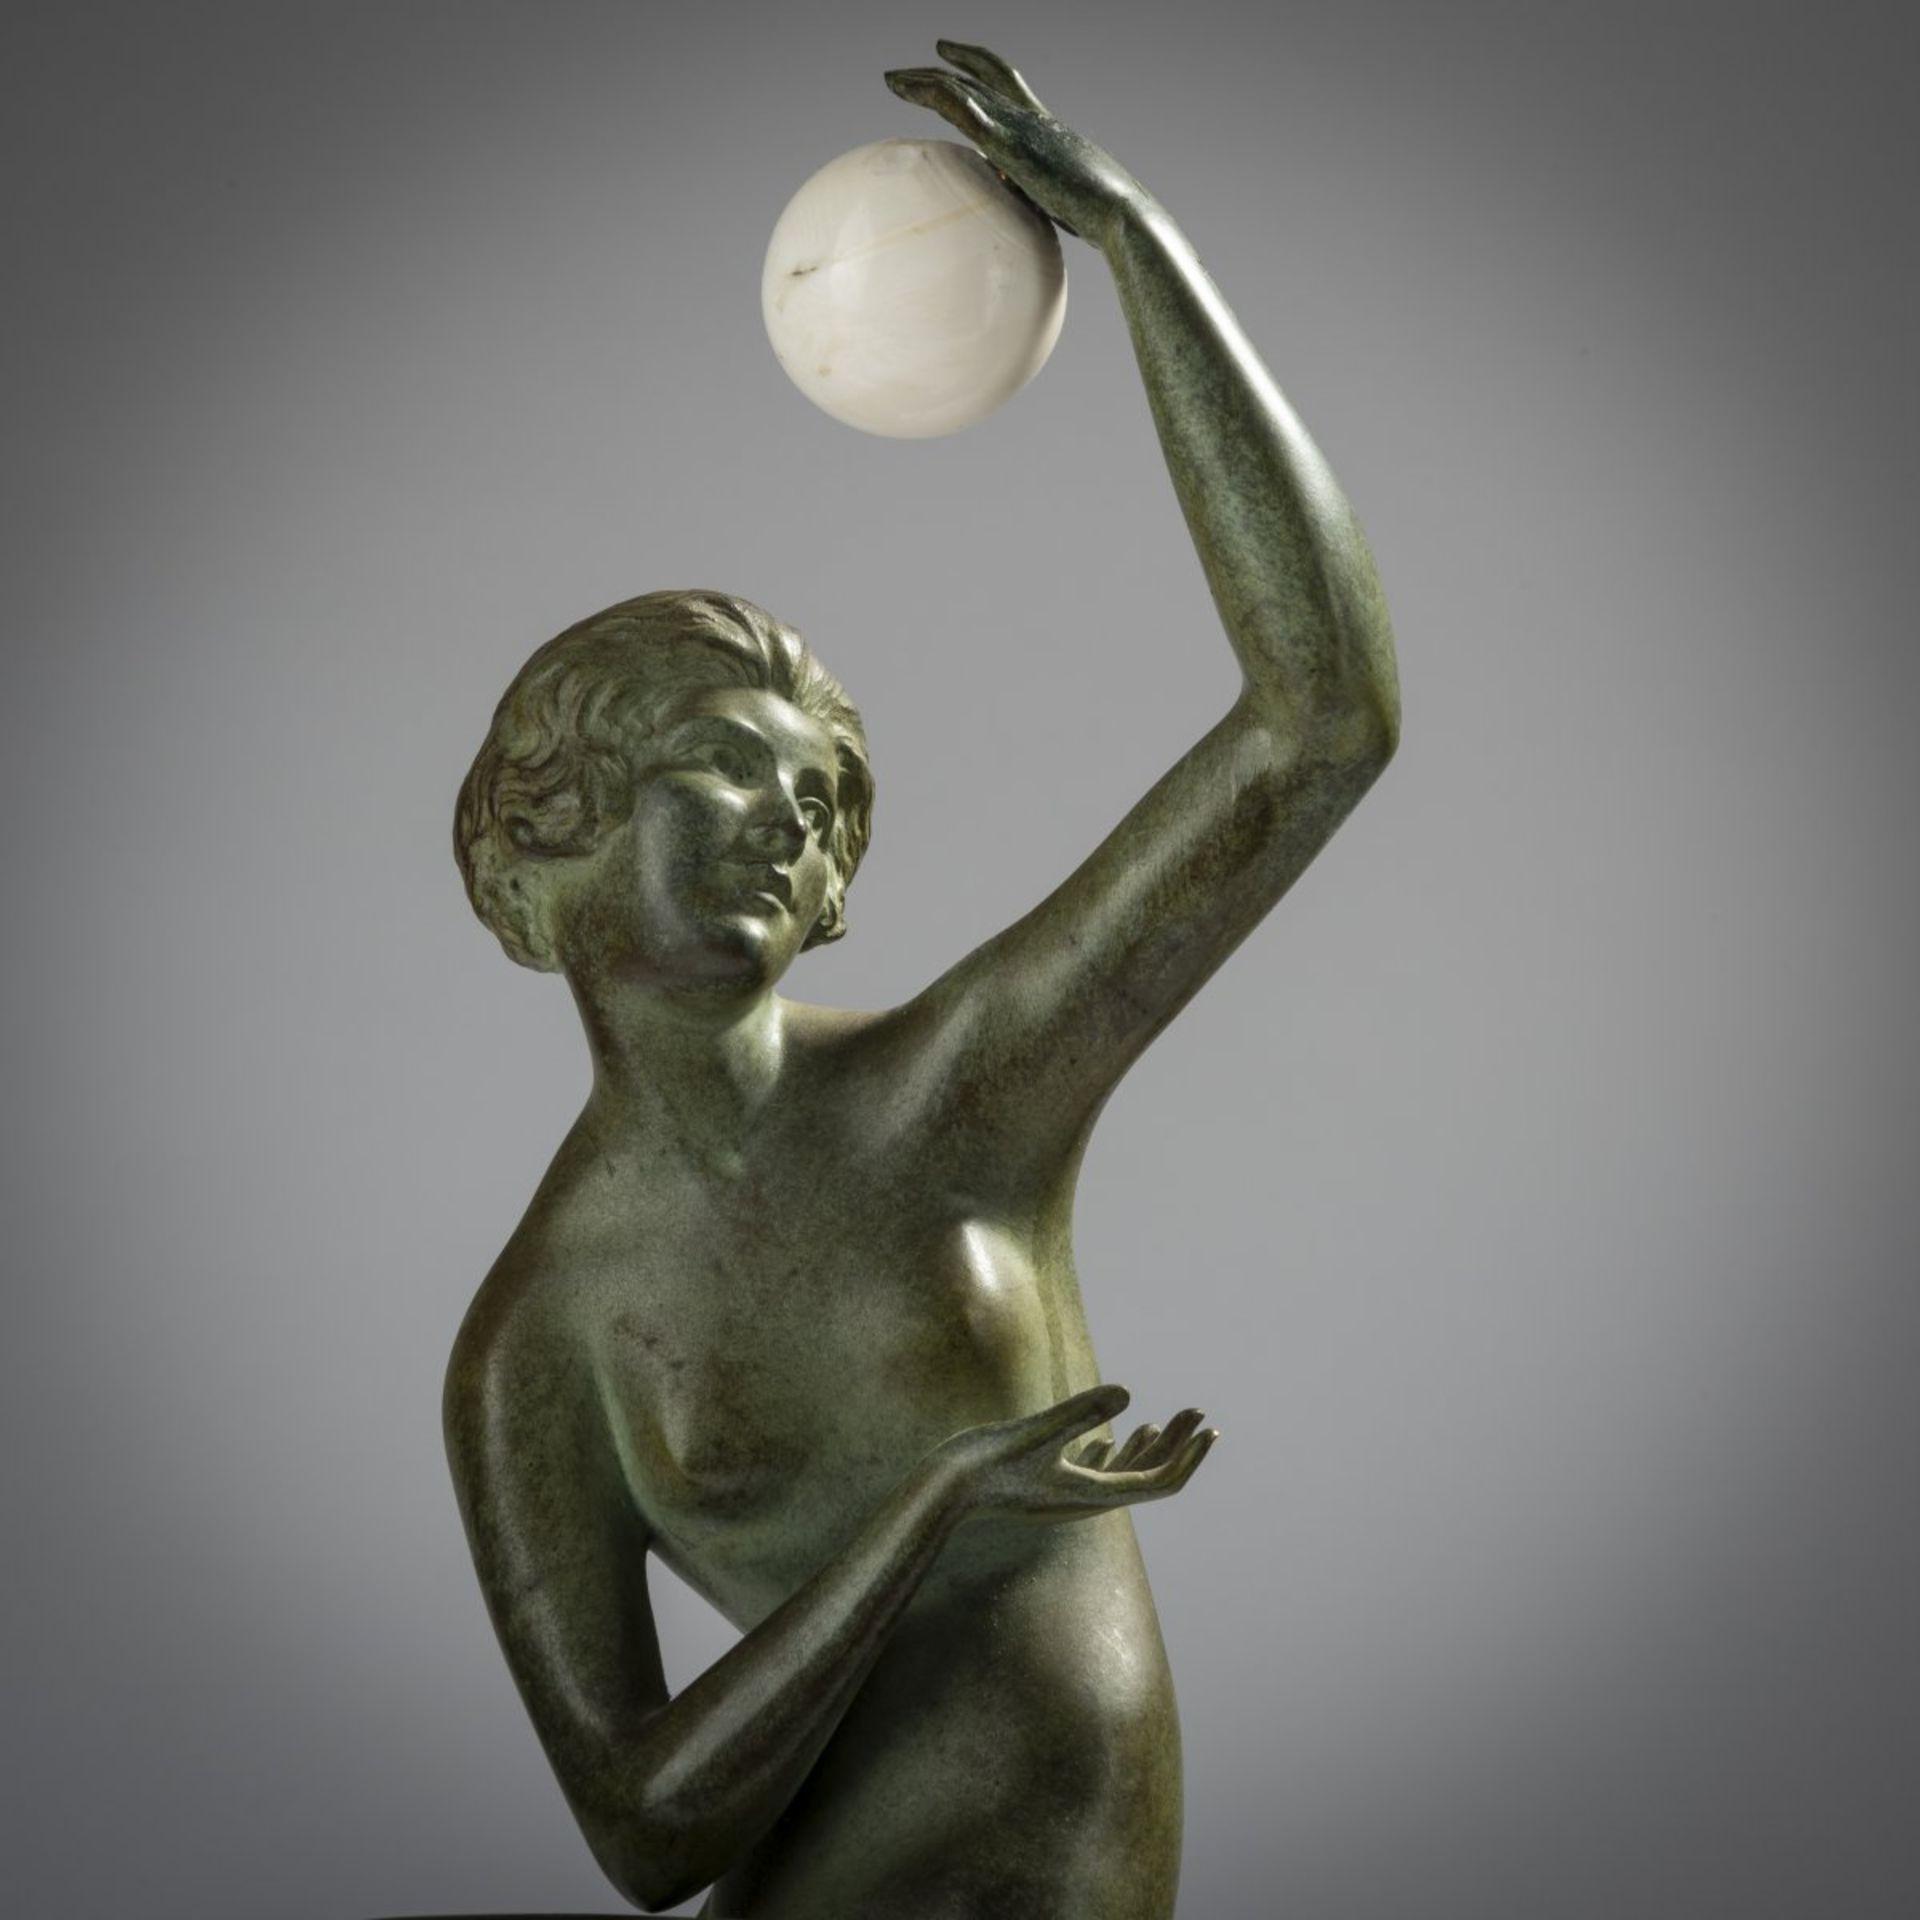 Maurice Guiraud-Rivière, Ballspielerin, 1920er Jahre - Bild 5 aus 6